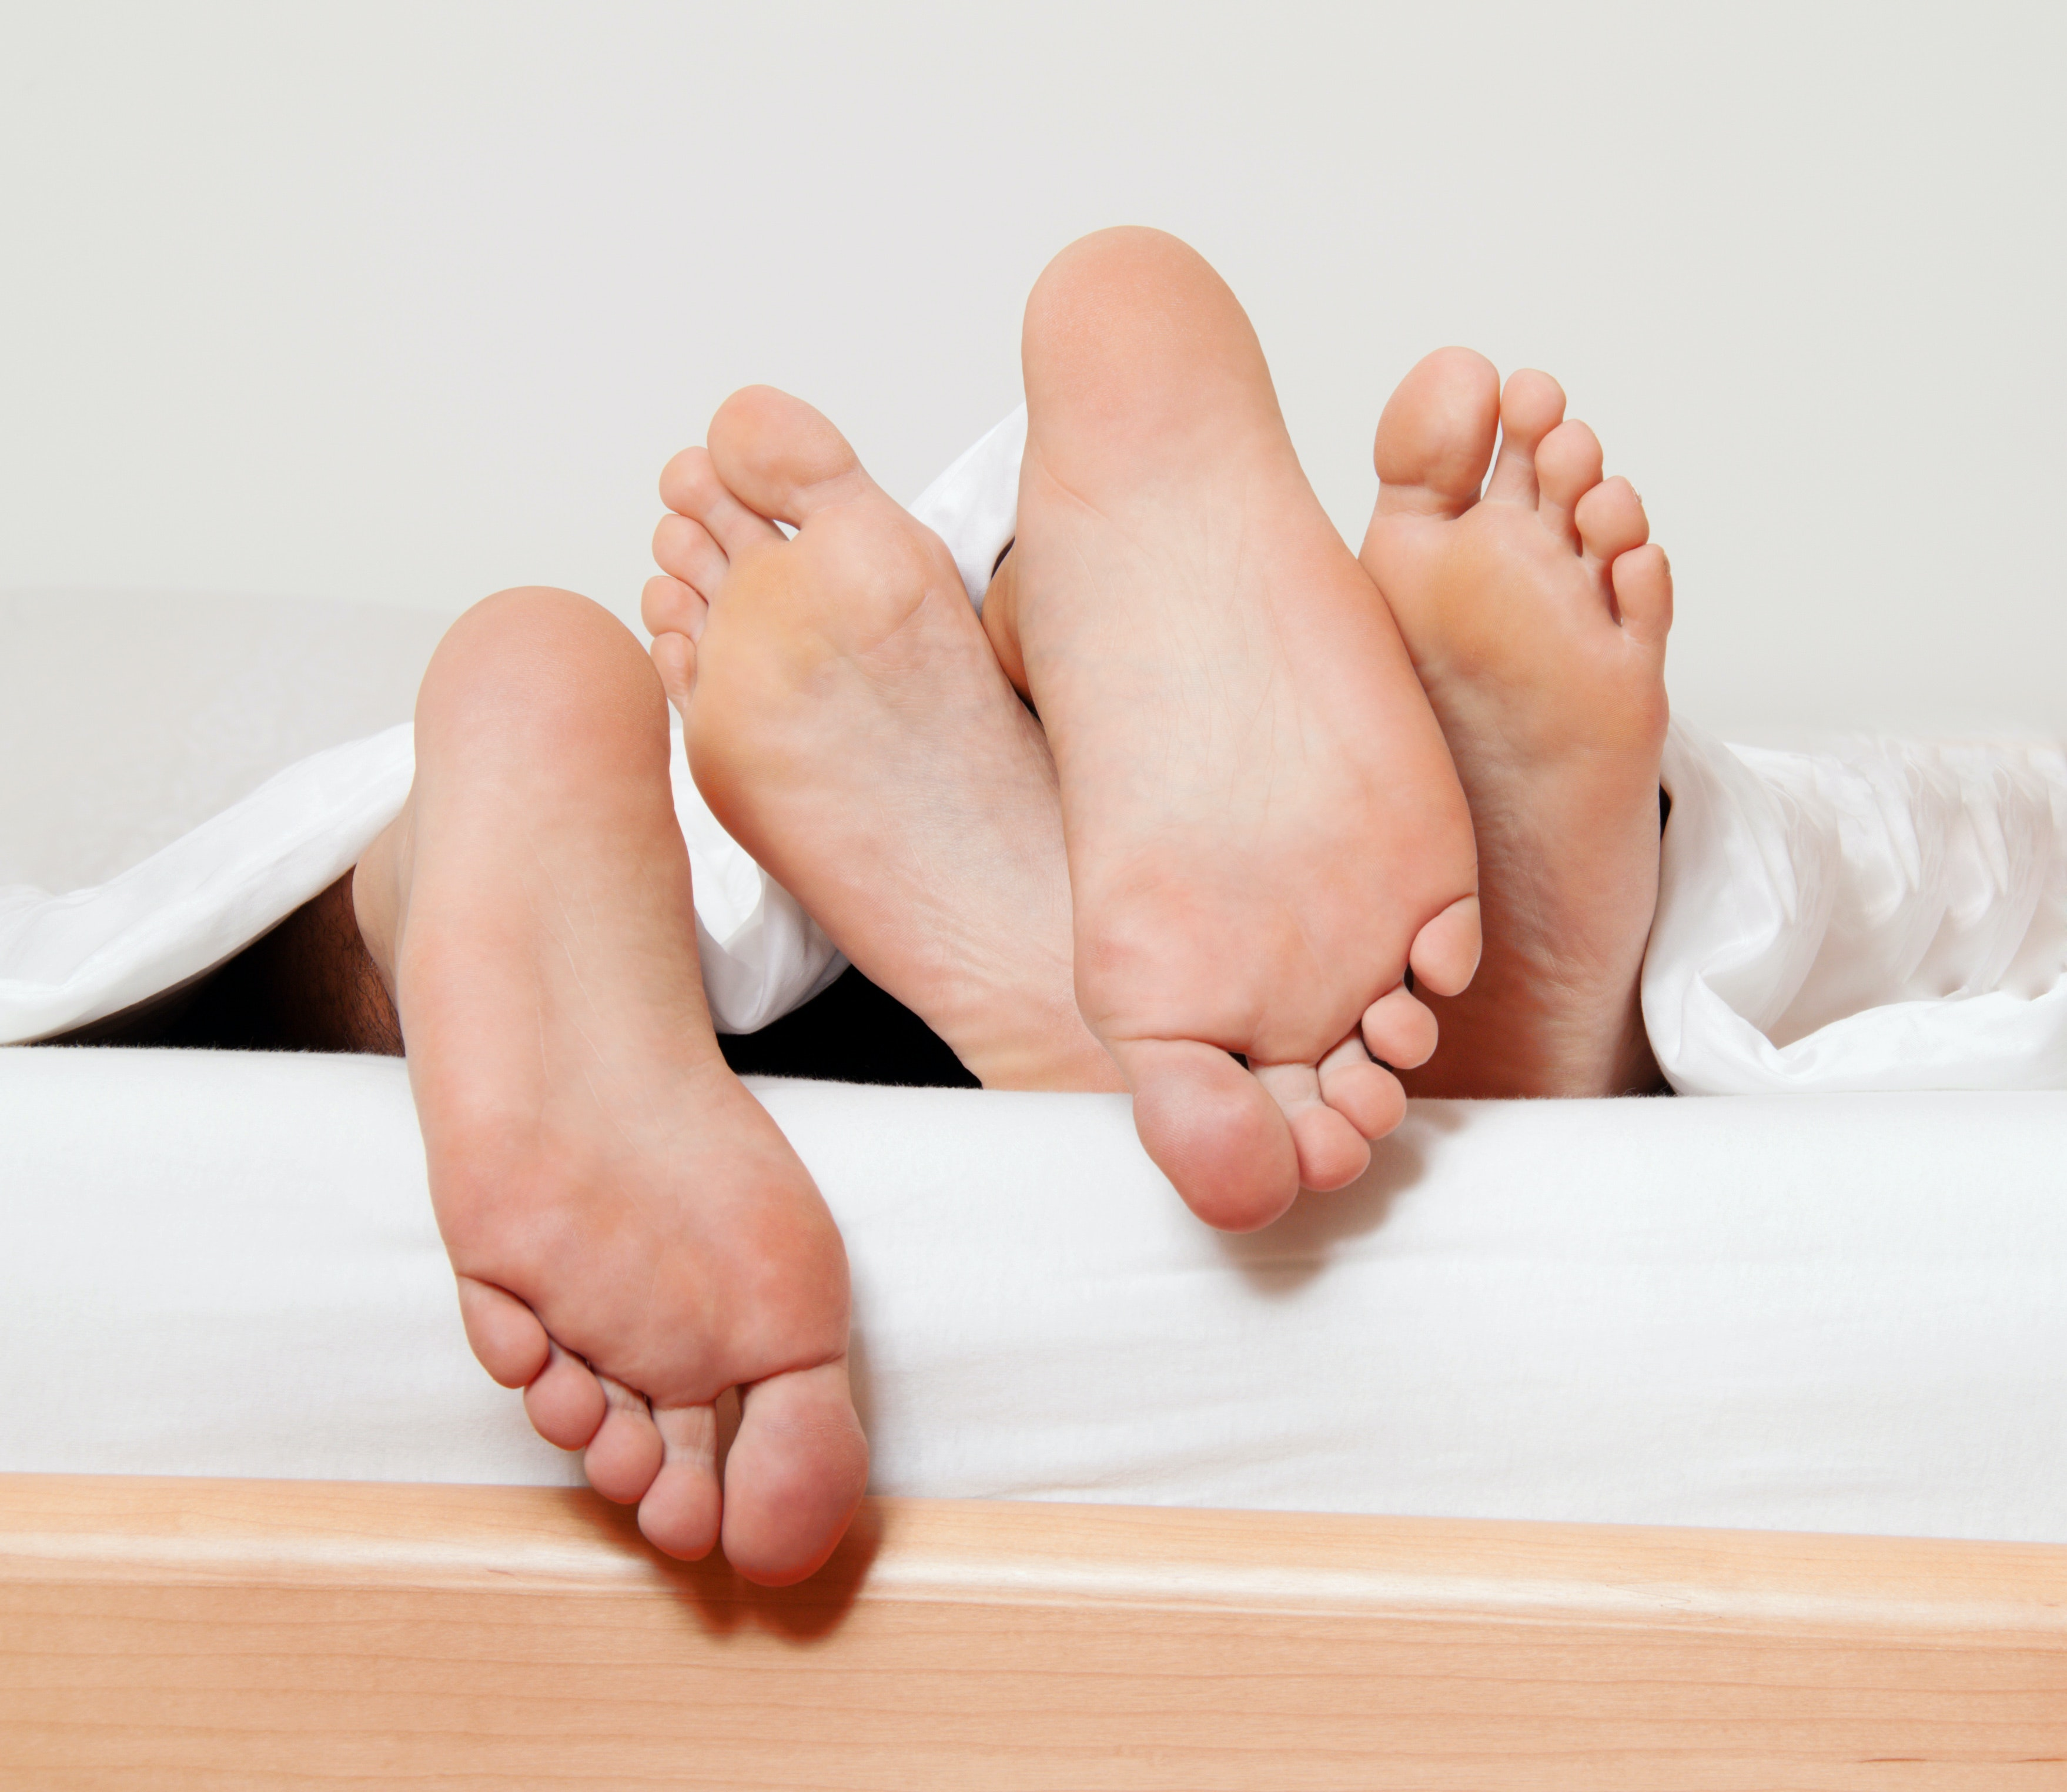 mitä mies haluaa naiselta sängyssä sex naiset